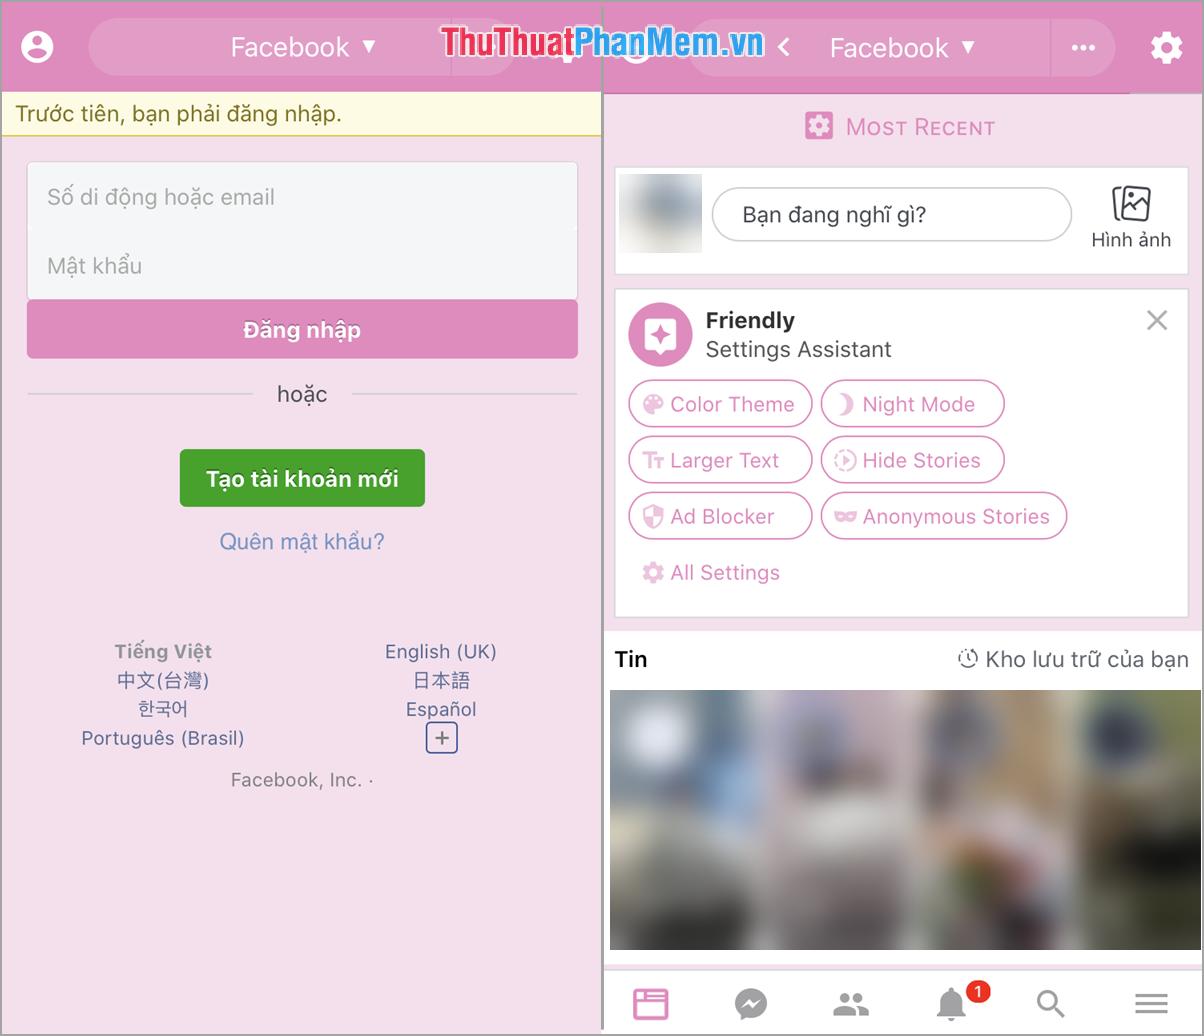 Tiến hành đăng nhập tài khoản Facebook của bạn